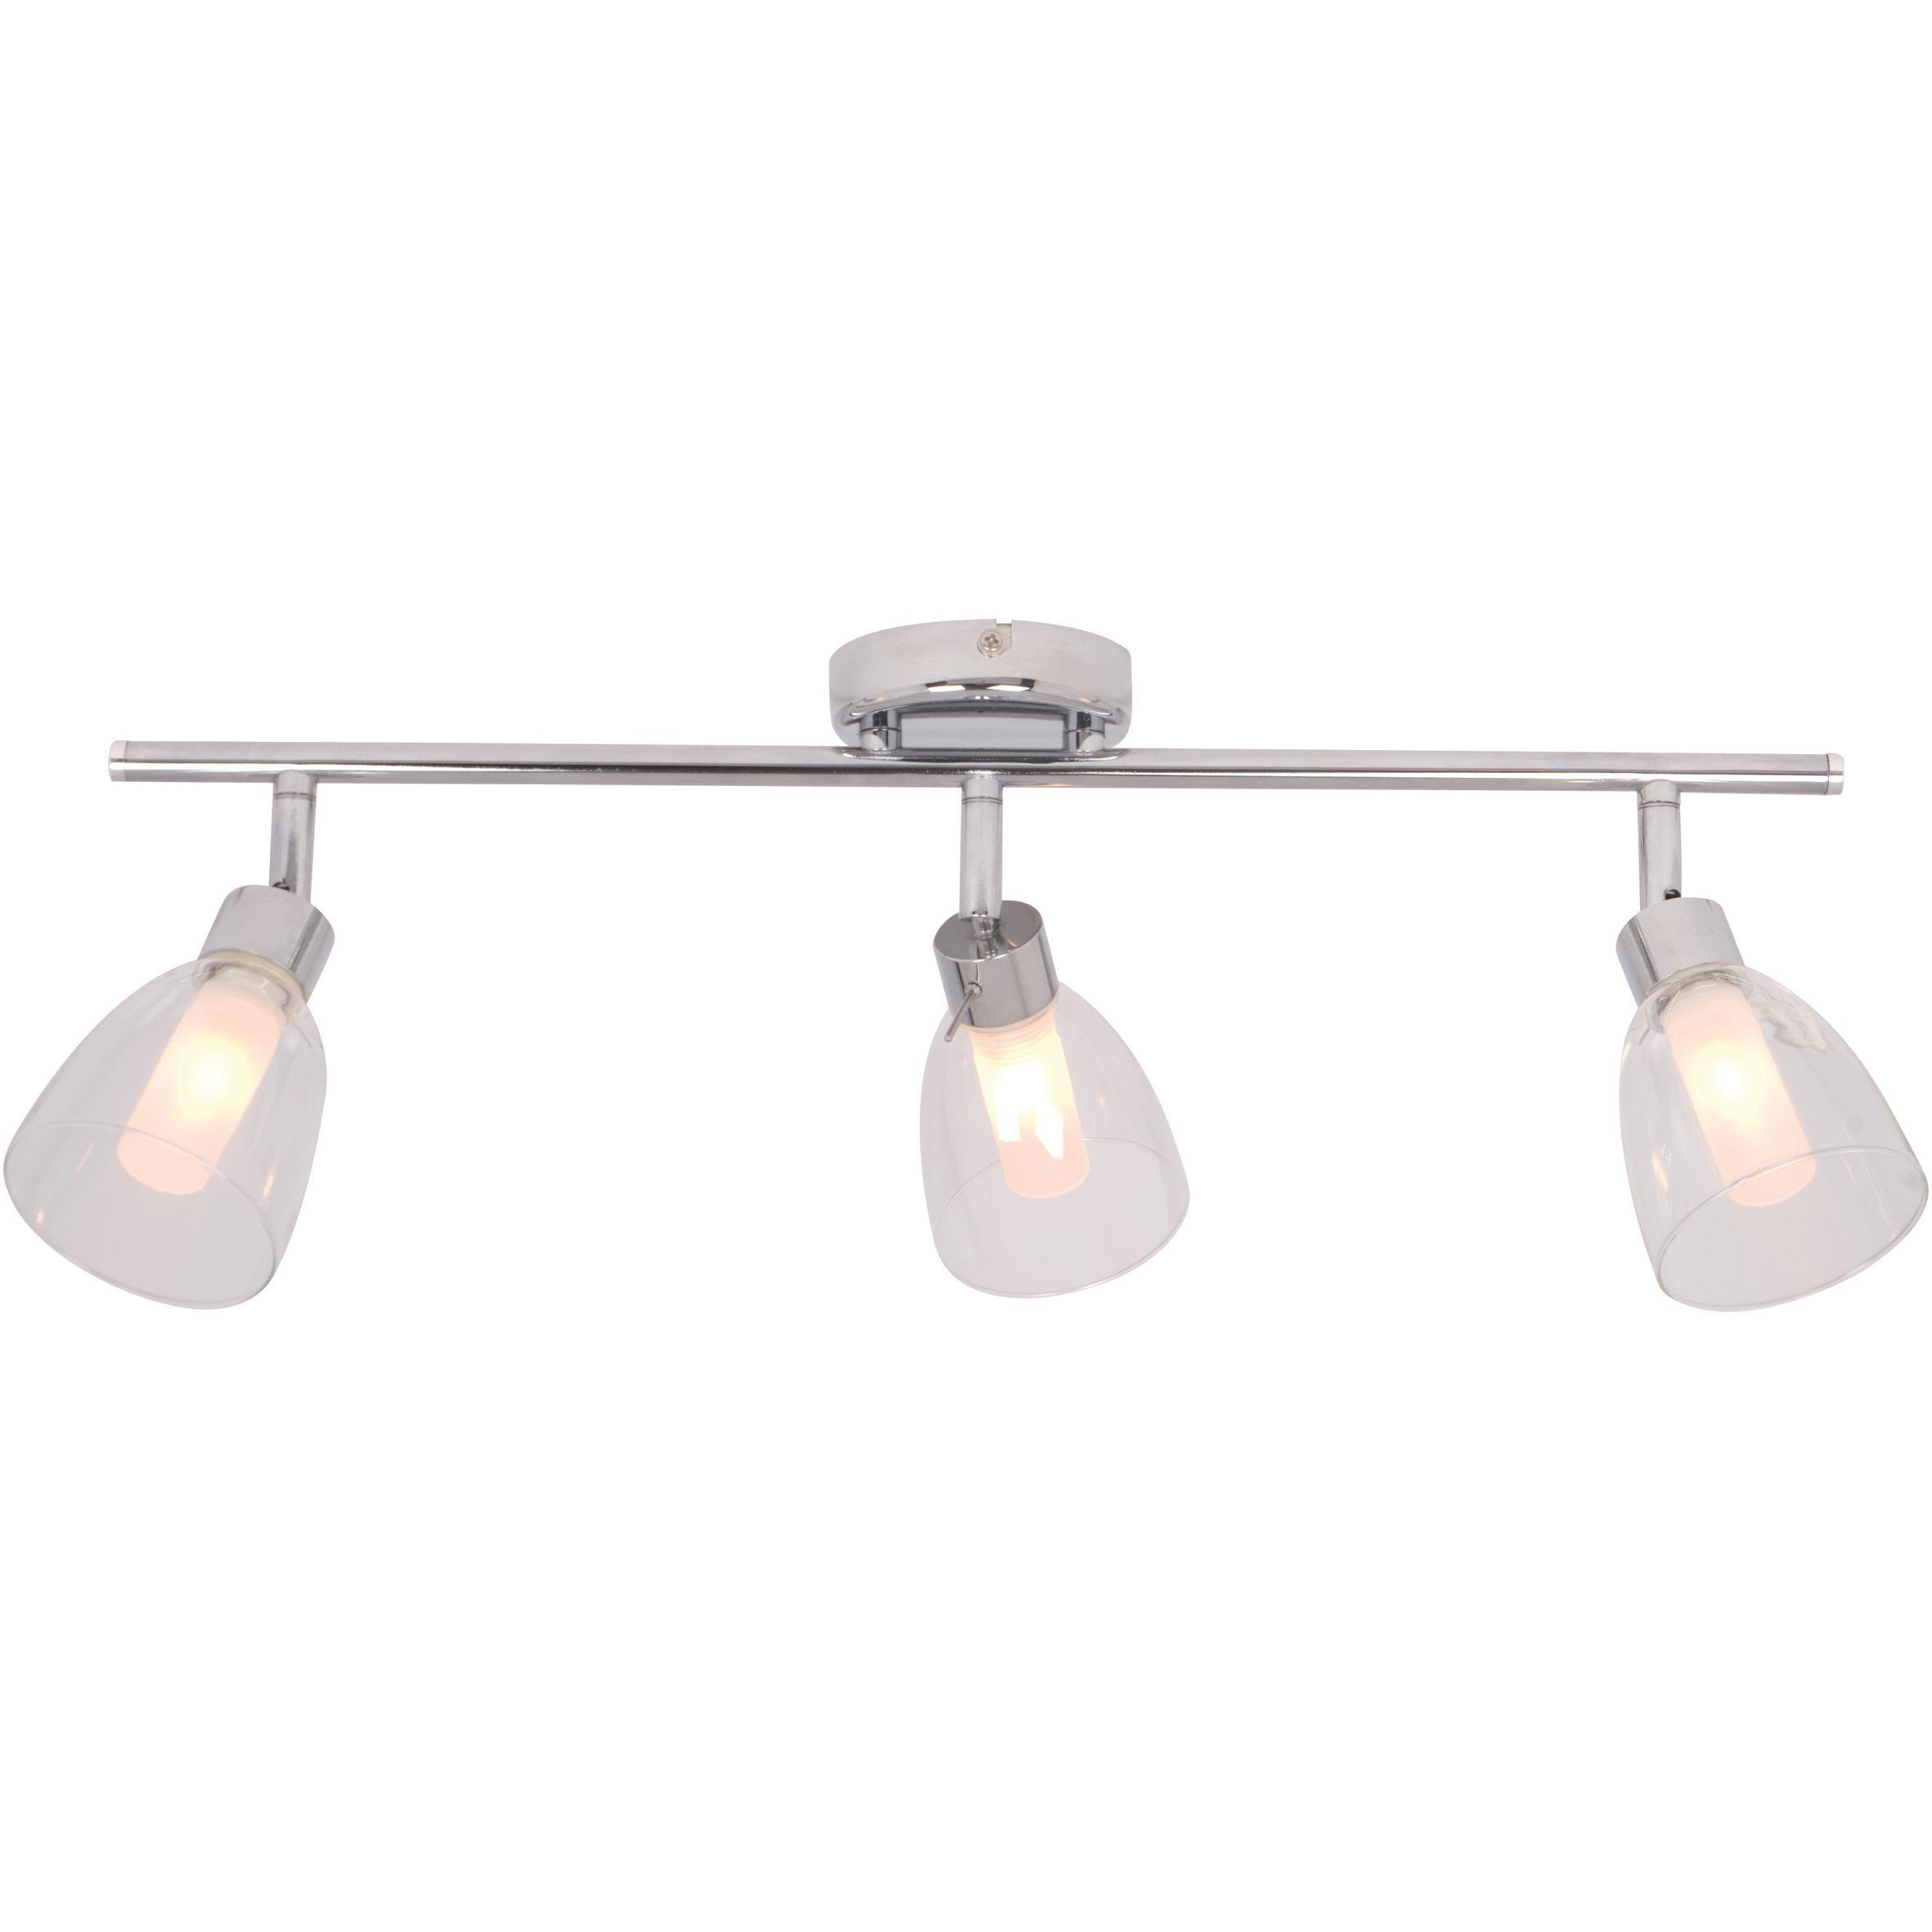 Bathroom Ceiling Lights At B&Q lightsb&q g9 halogen bathroom spotlight 25 w | rooms | diy at